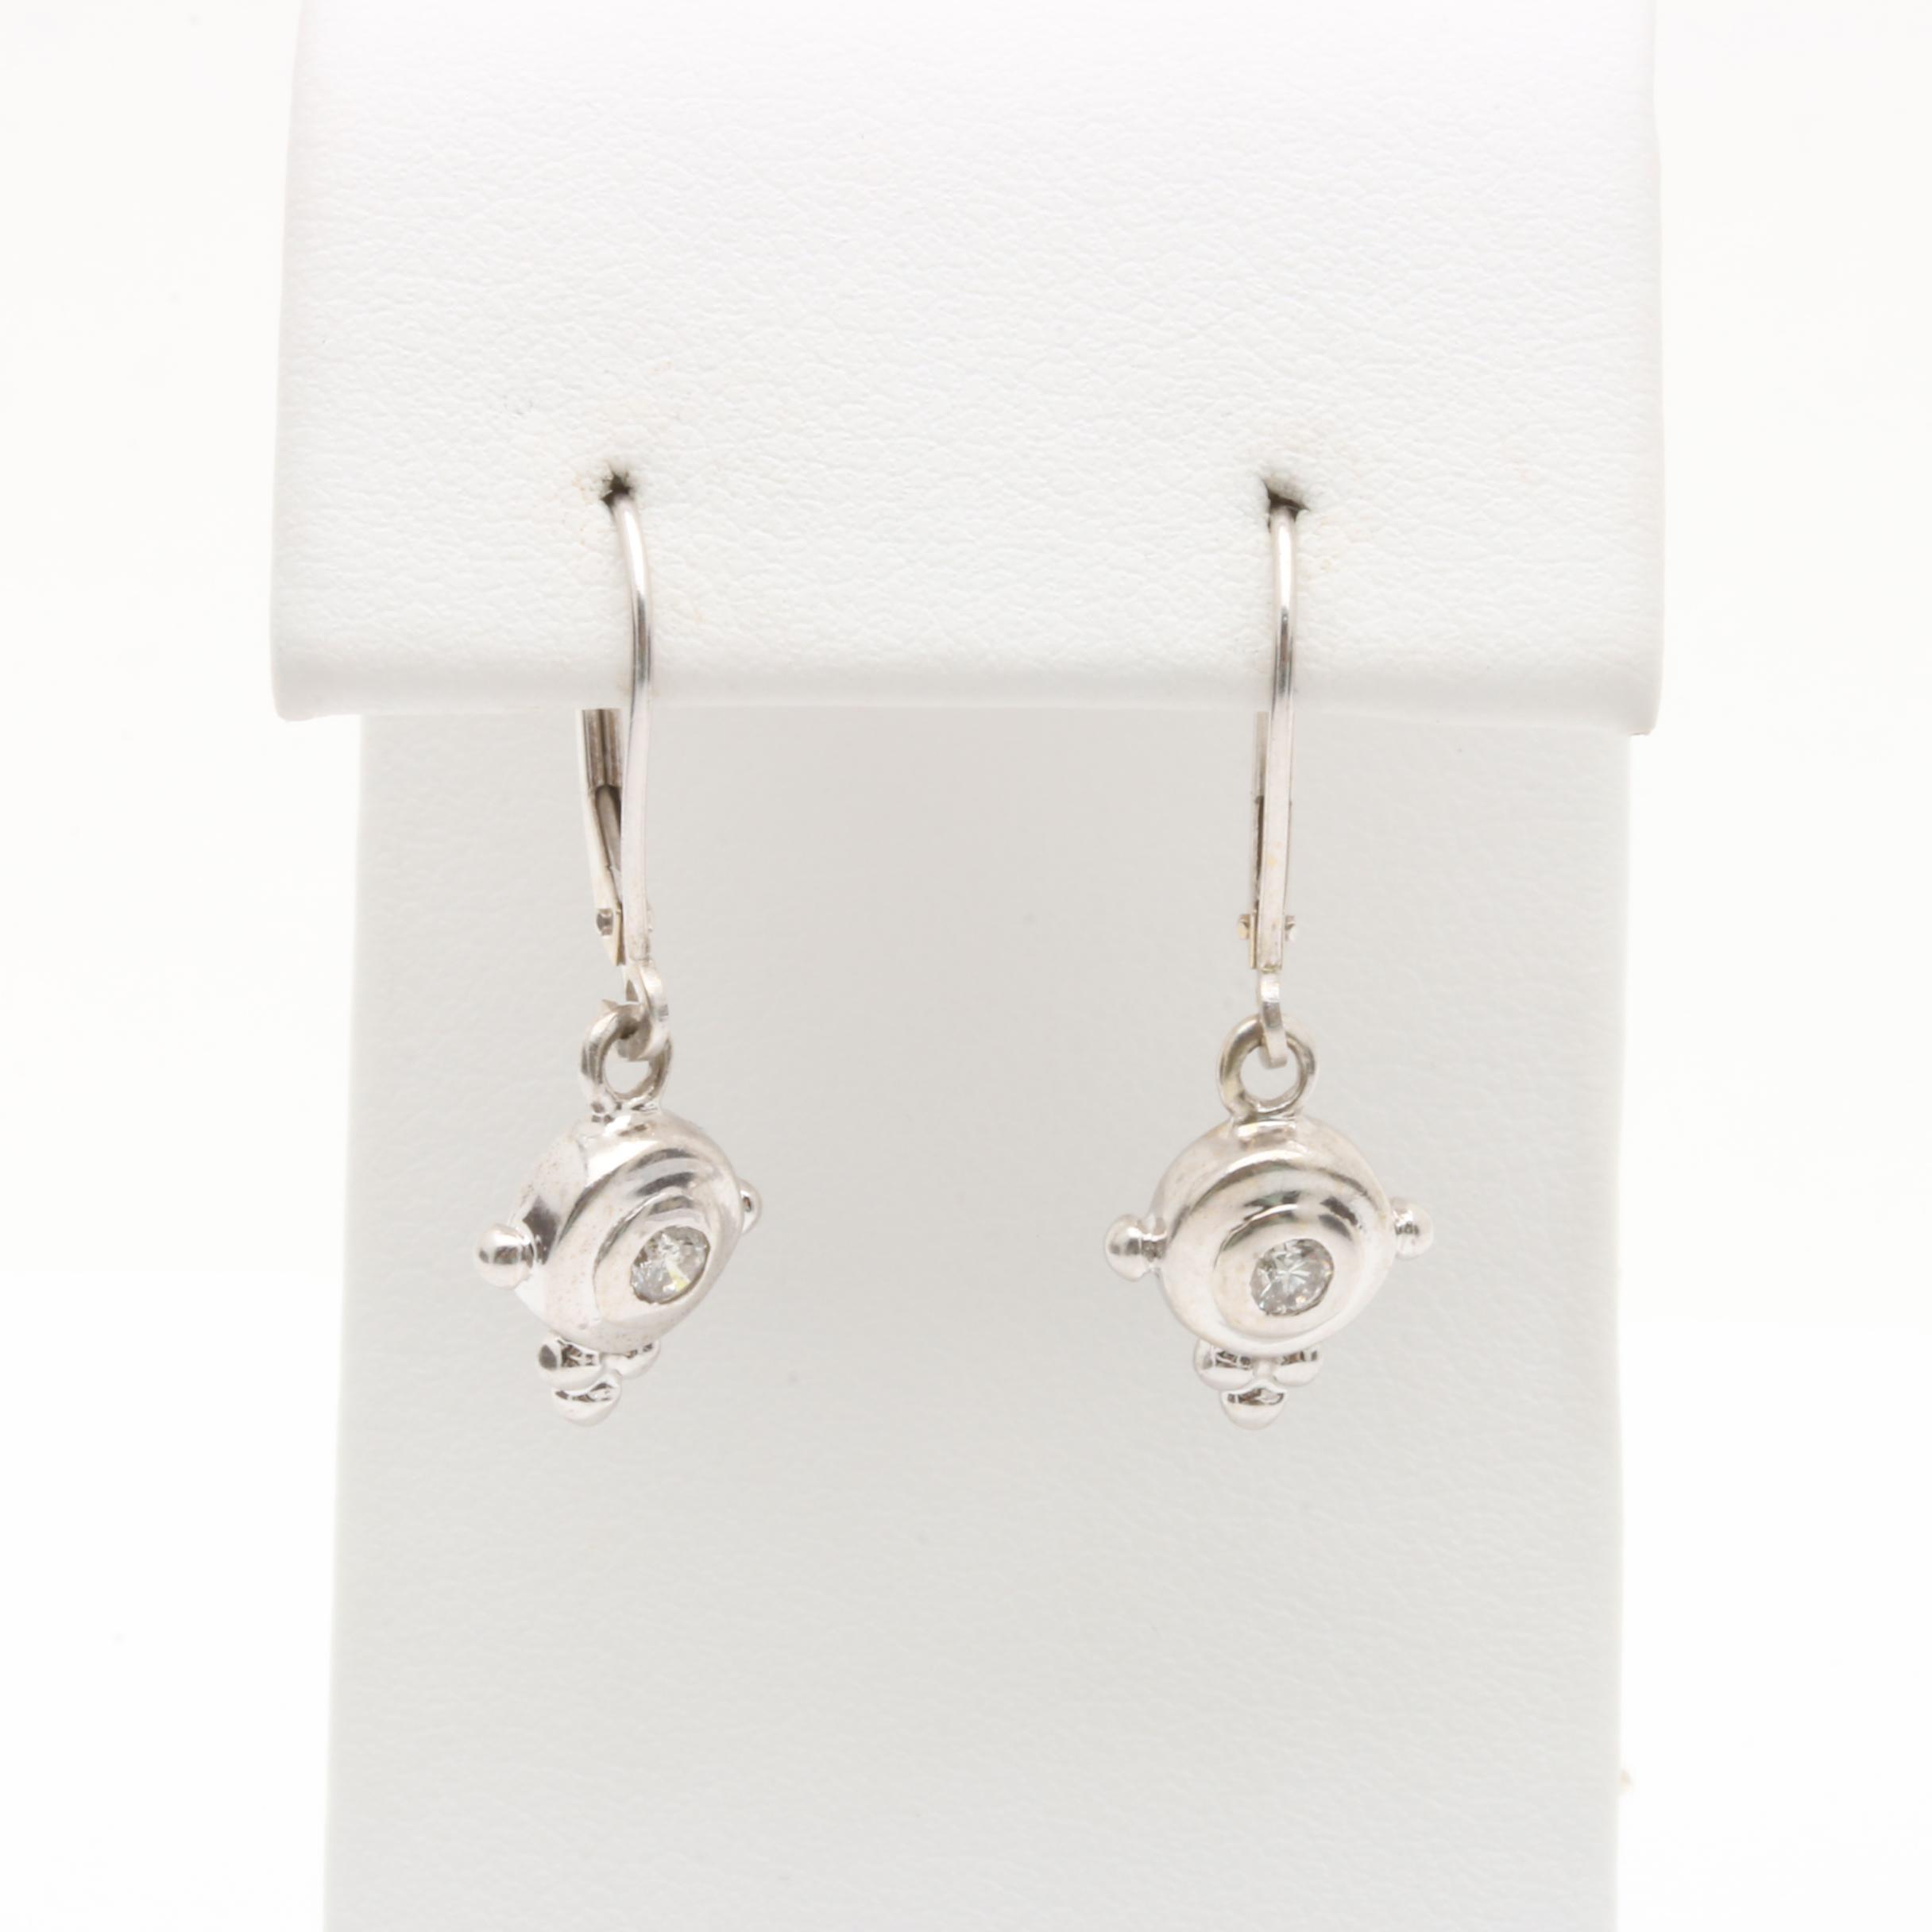 Clyde Duneier 14K White Gold Diamond Earrings